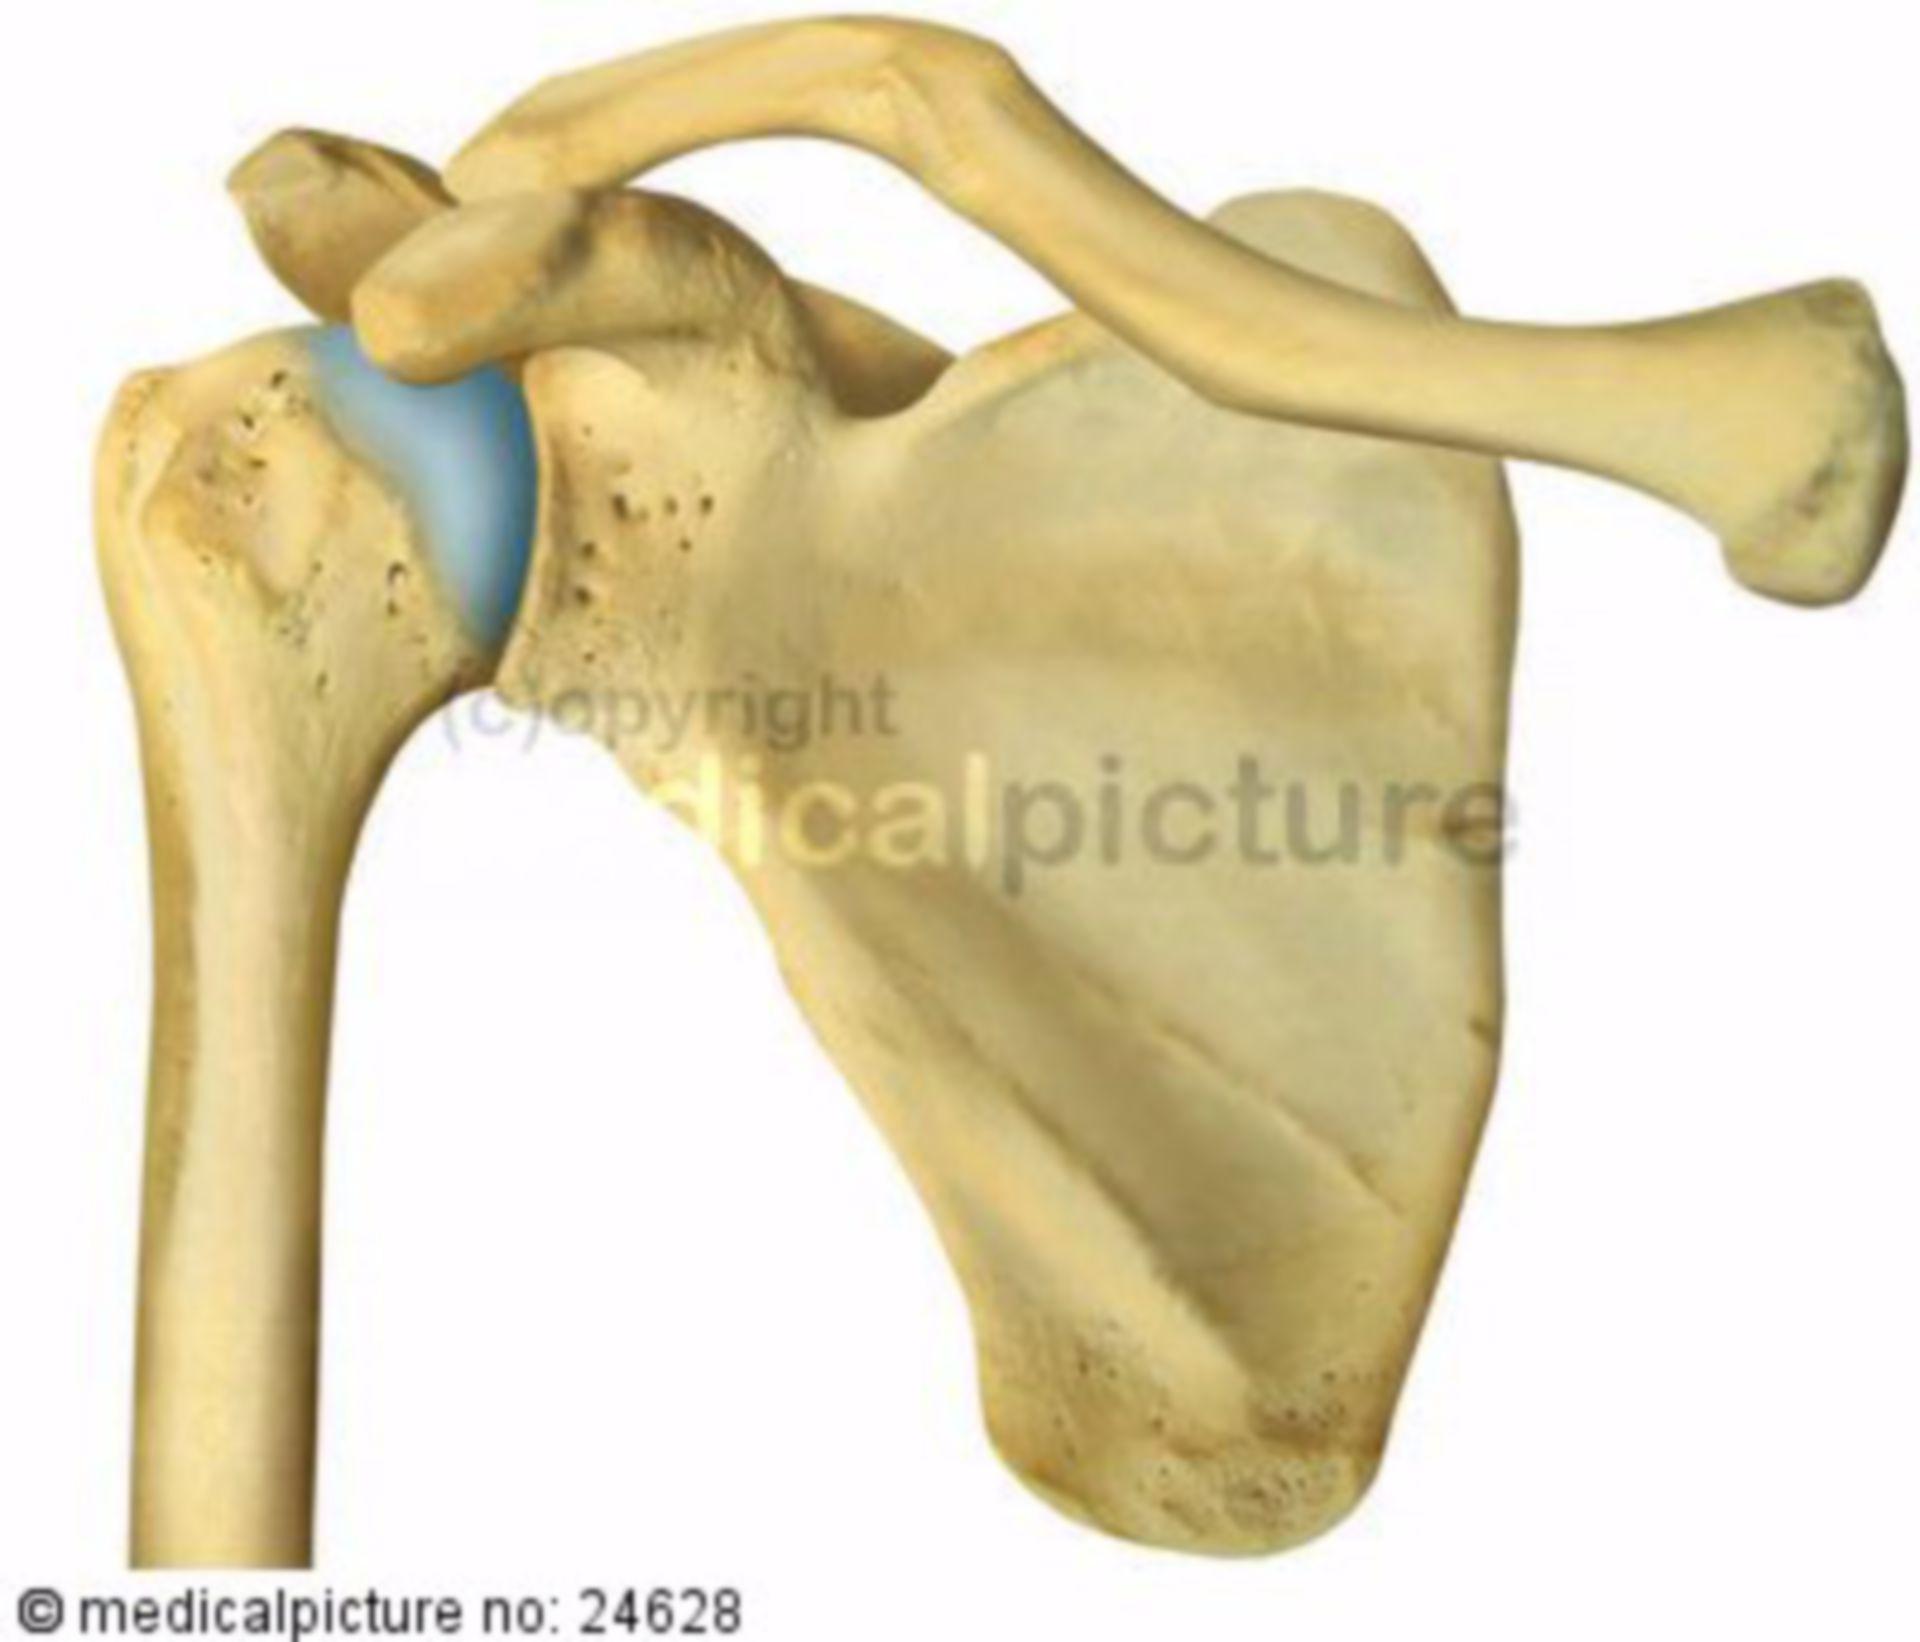 Articolazione della spalla vista anteriormente